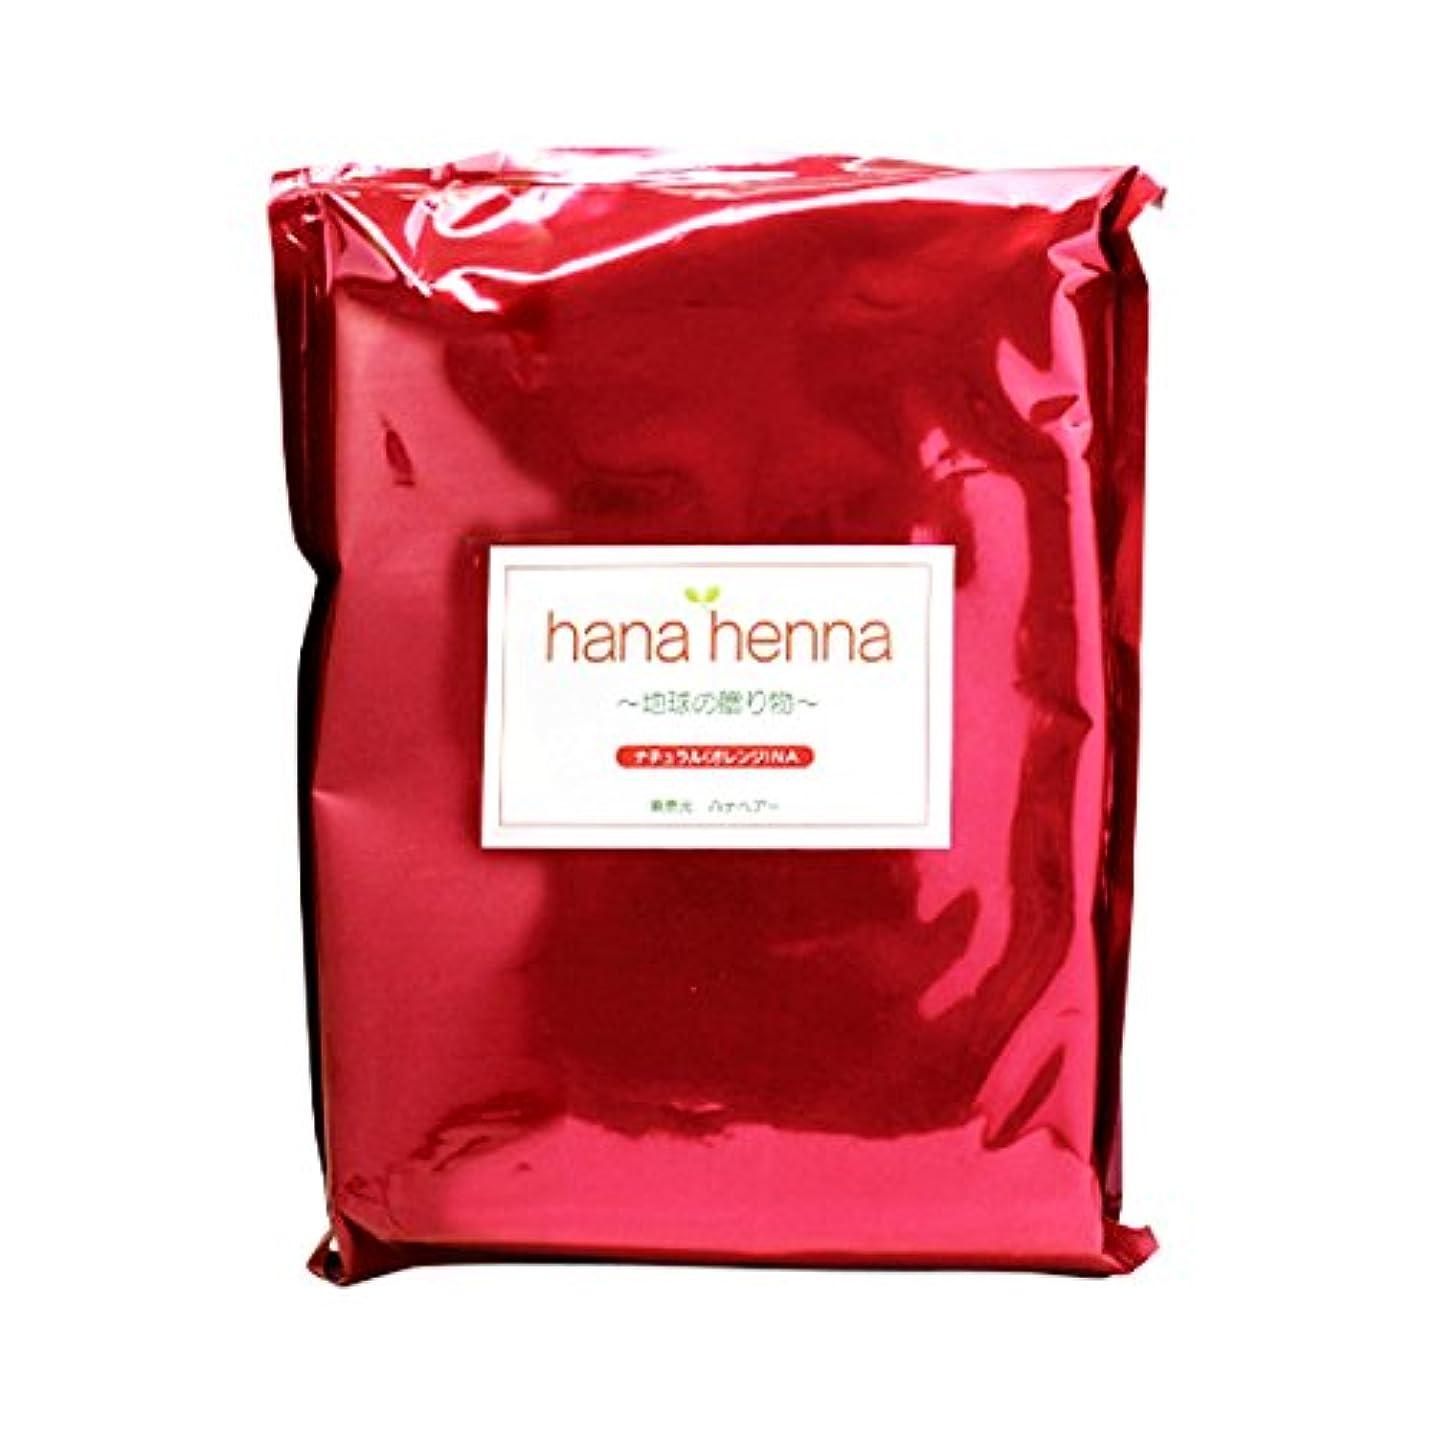 吸収逆に否認するhanahenna ナチュラル NA(オレンジ) 500g